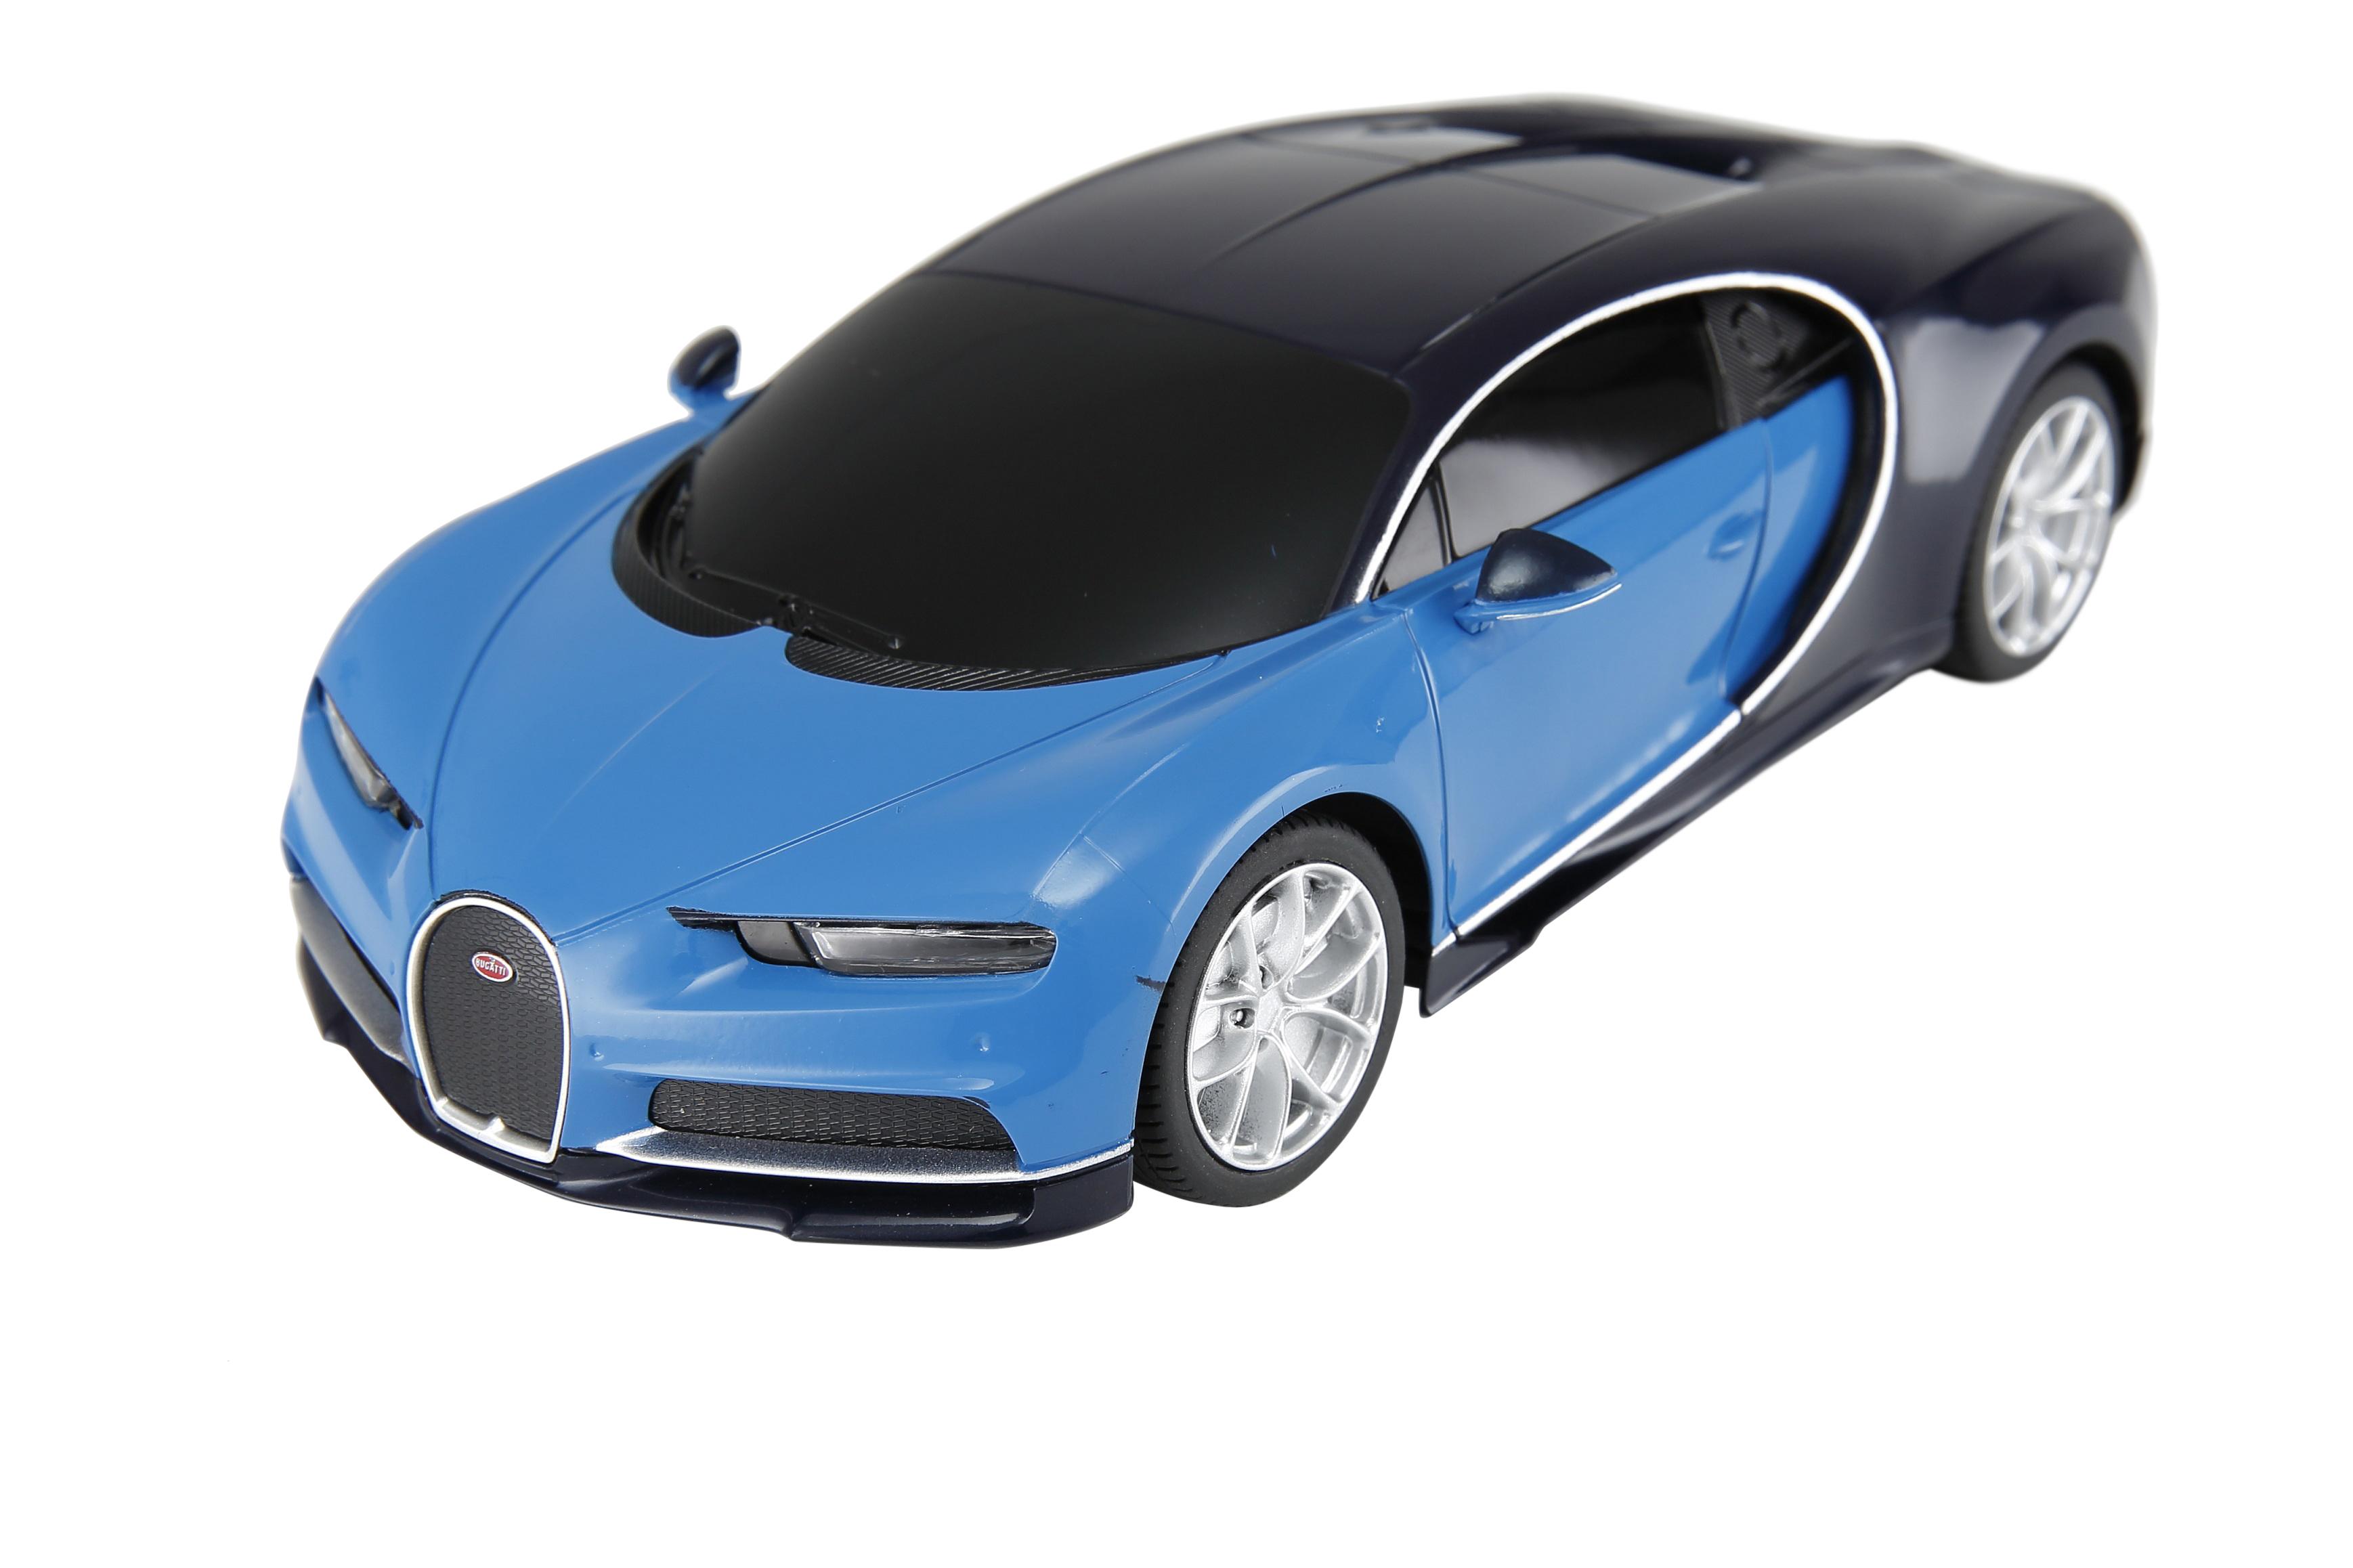 Bugatti Veyron Chiron Fjernstyret Bil 1:24 Kr. 199 - på lager til omgående levering